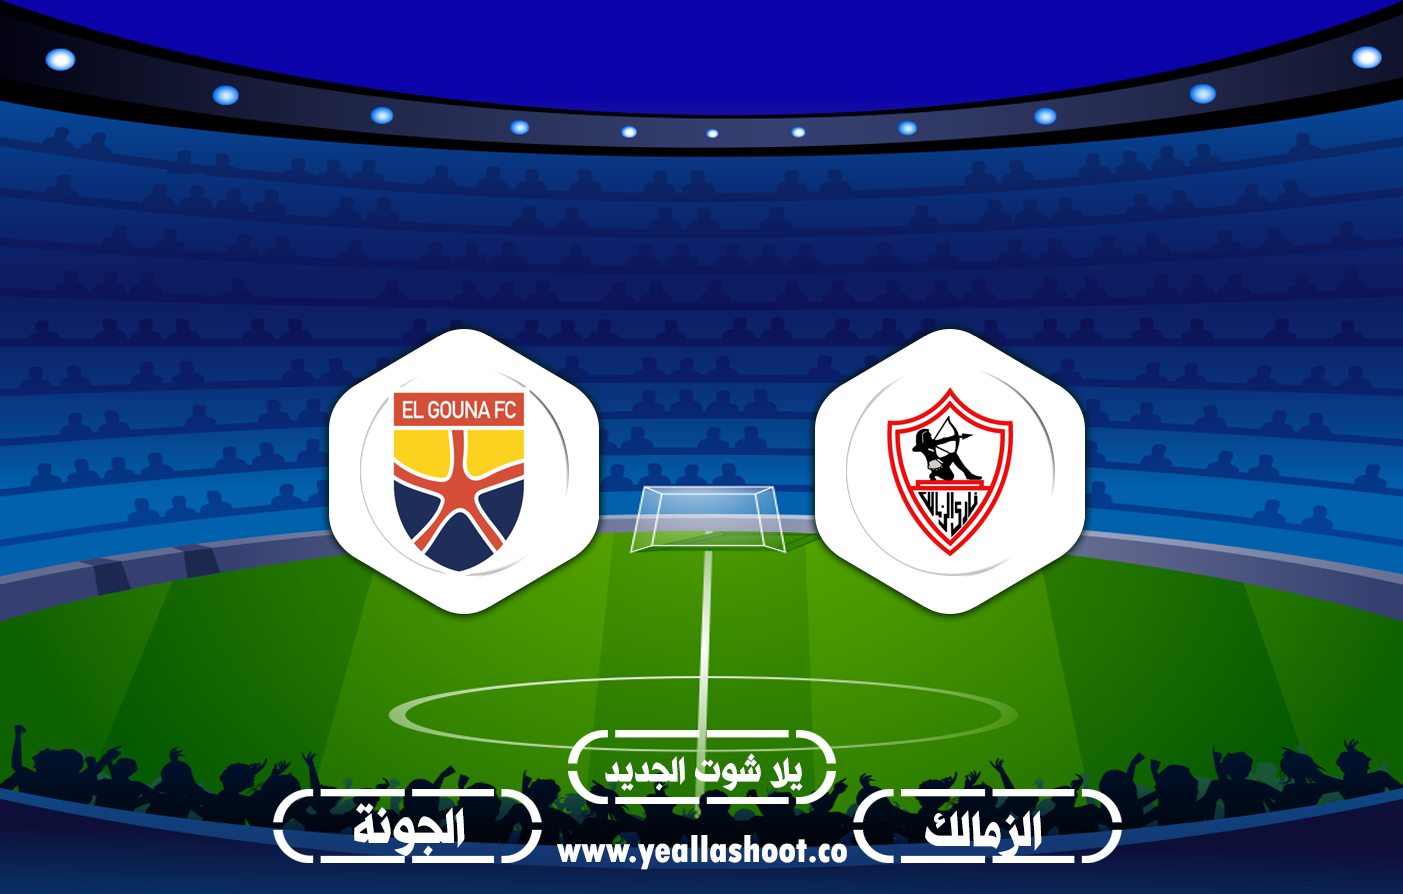 مشاهدة مباراة الزمالك والجونة بث مباشر اليوم بتاريخ 27-09-2020 في الدوري المصري